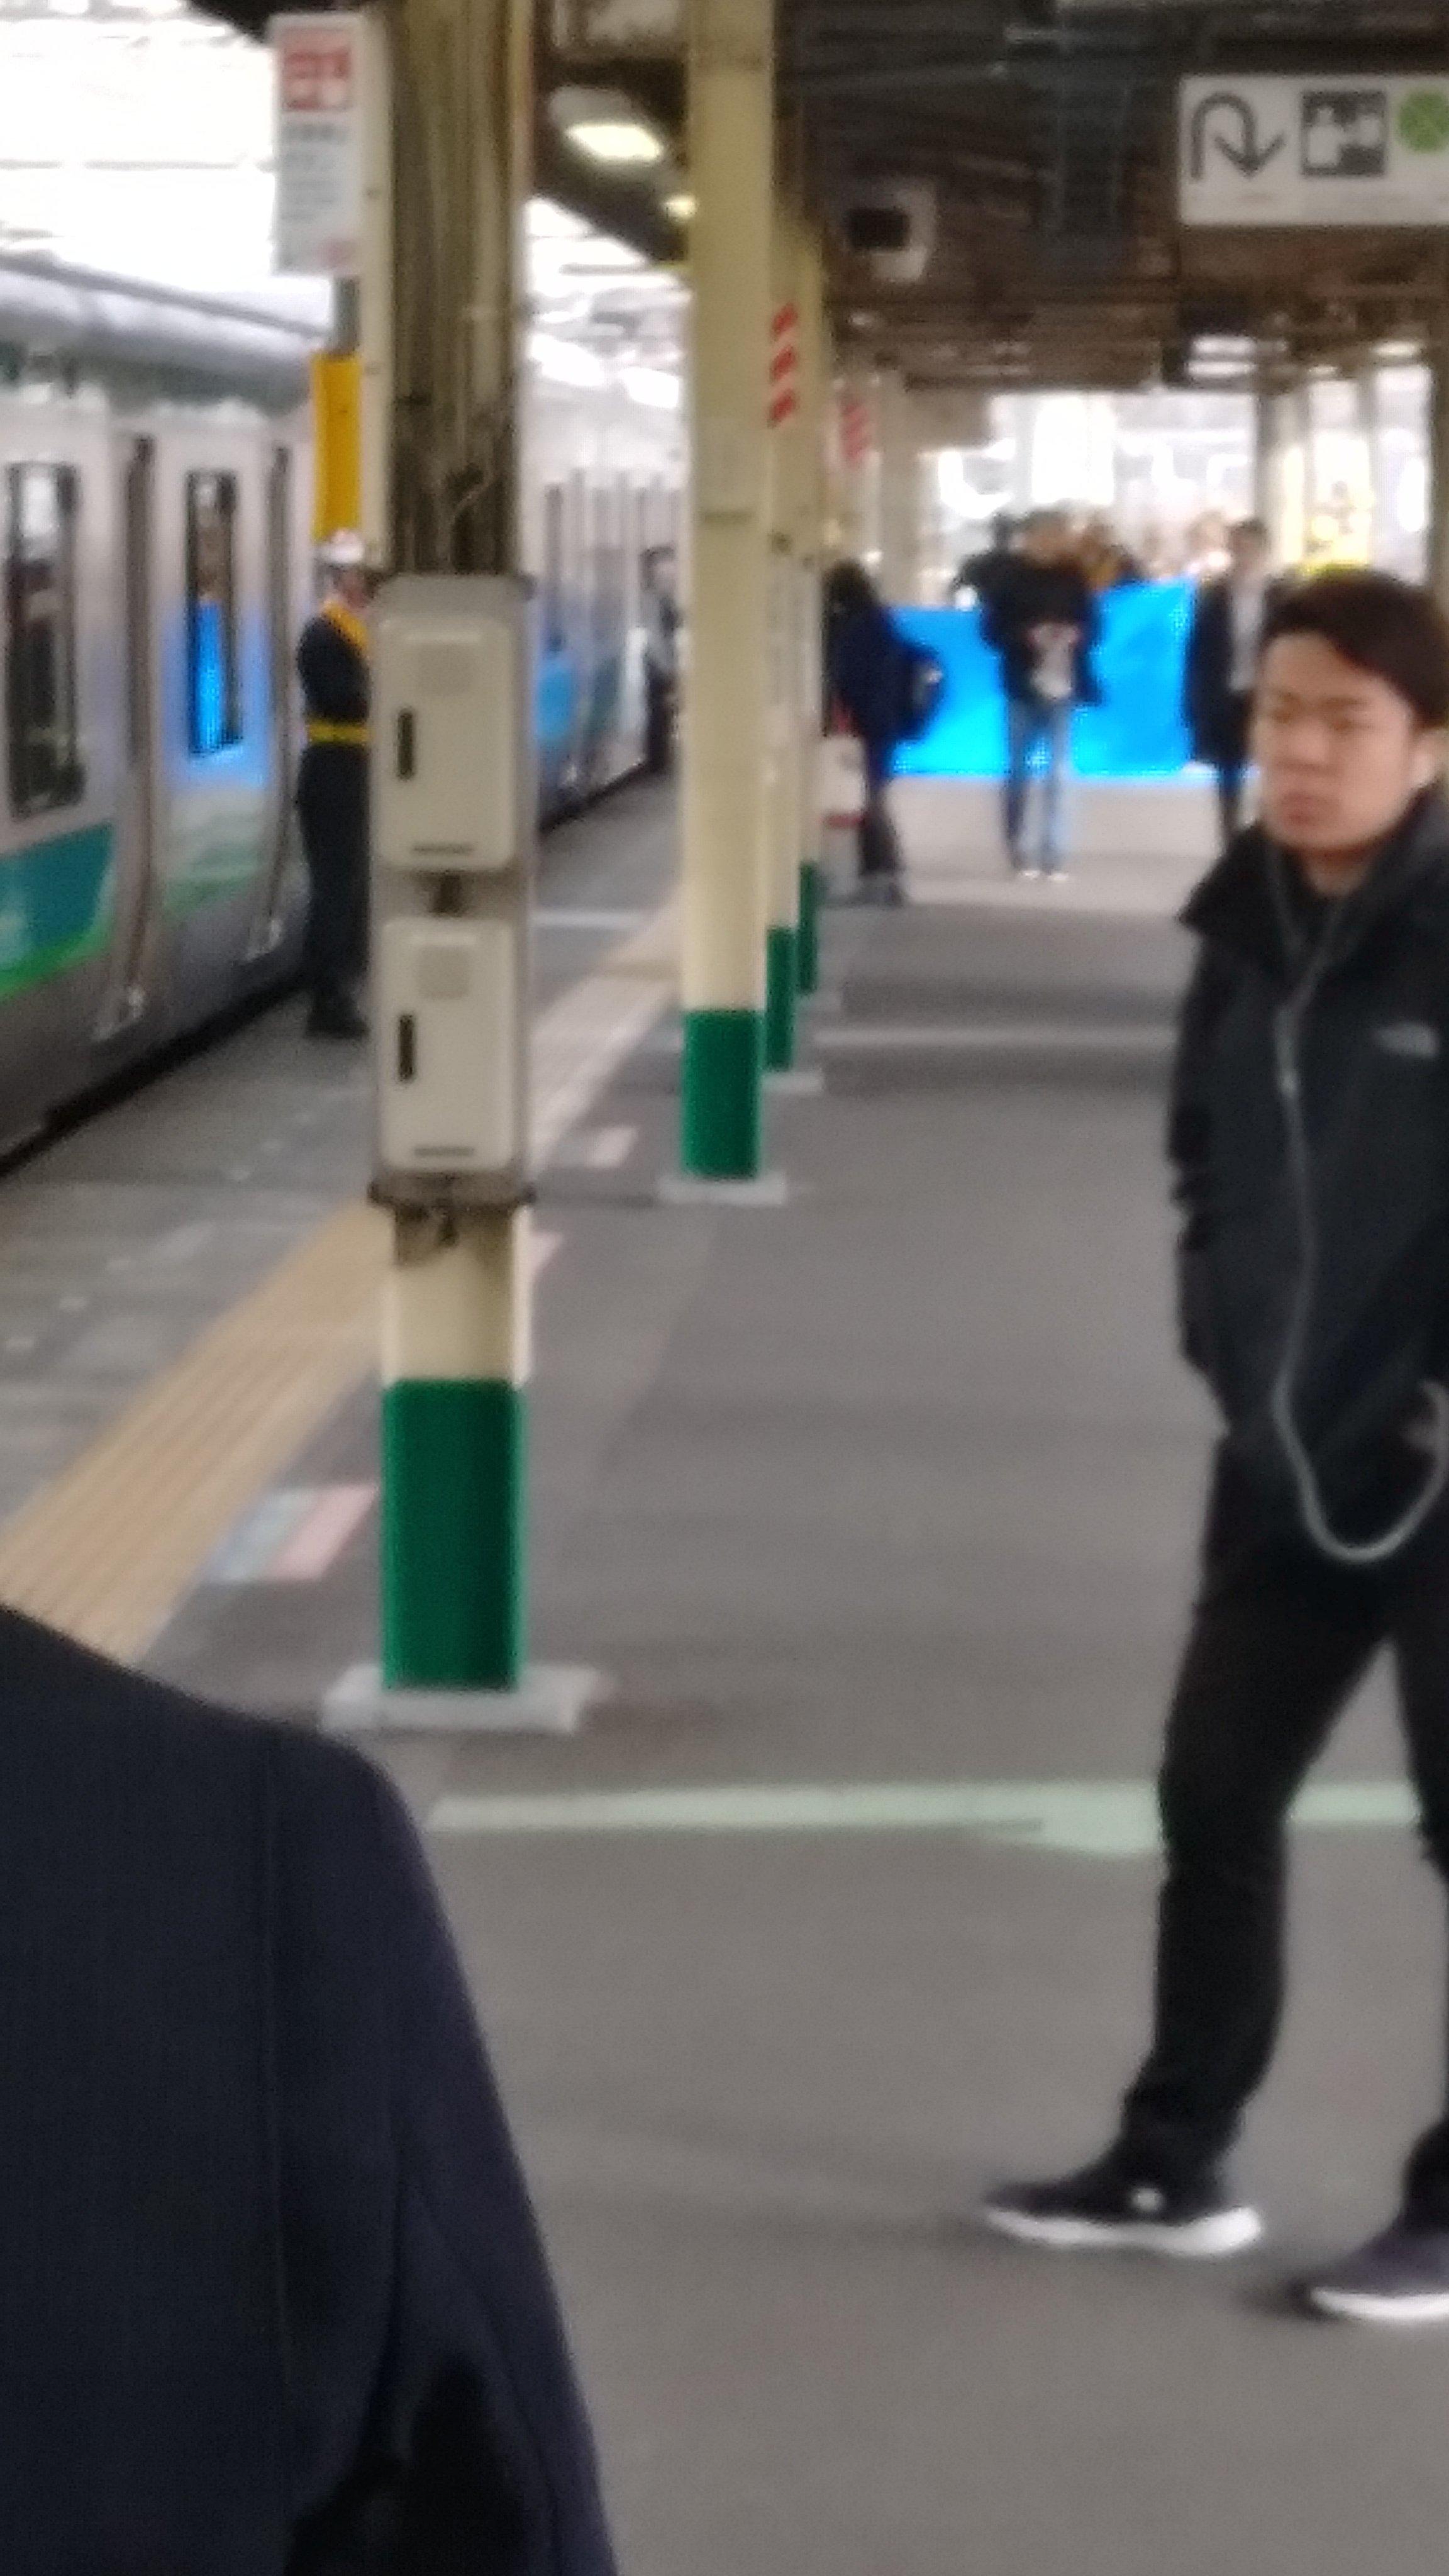 松戸駅で人身事故が起きブルーシートで隠している現場の画像